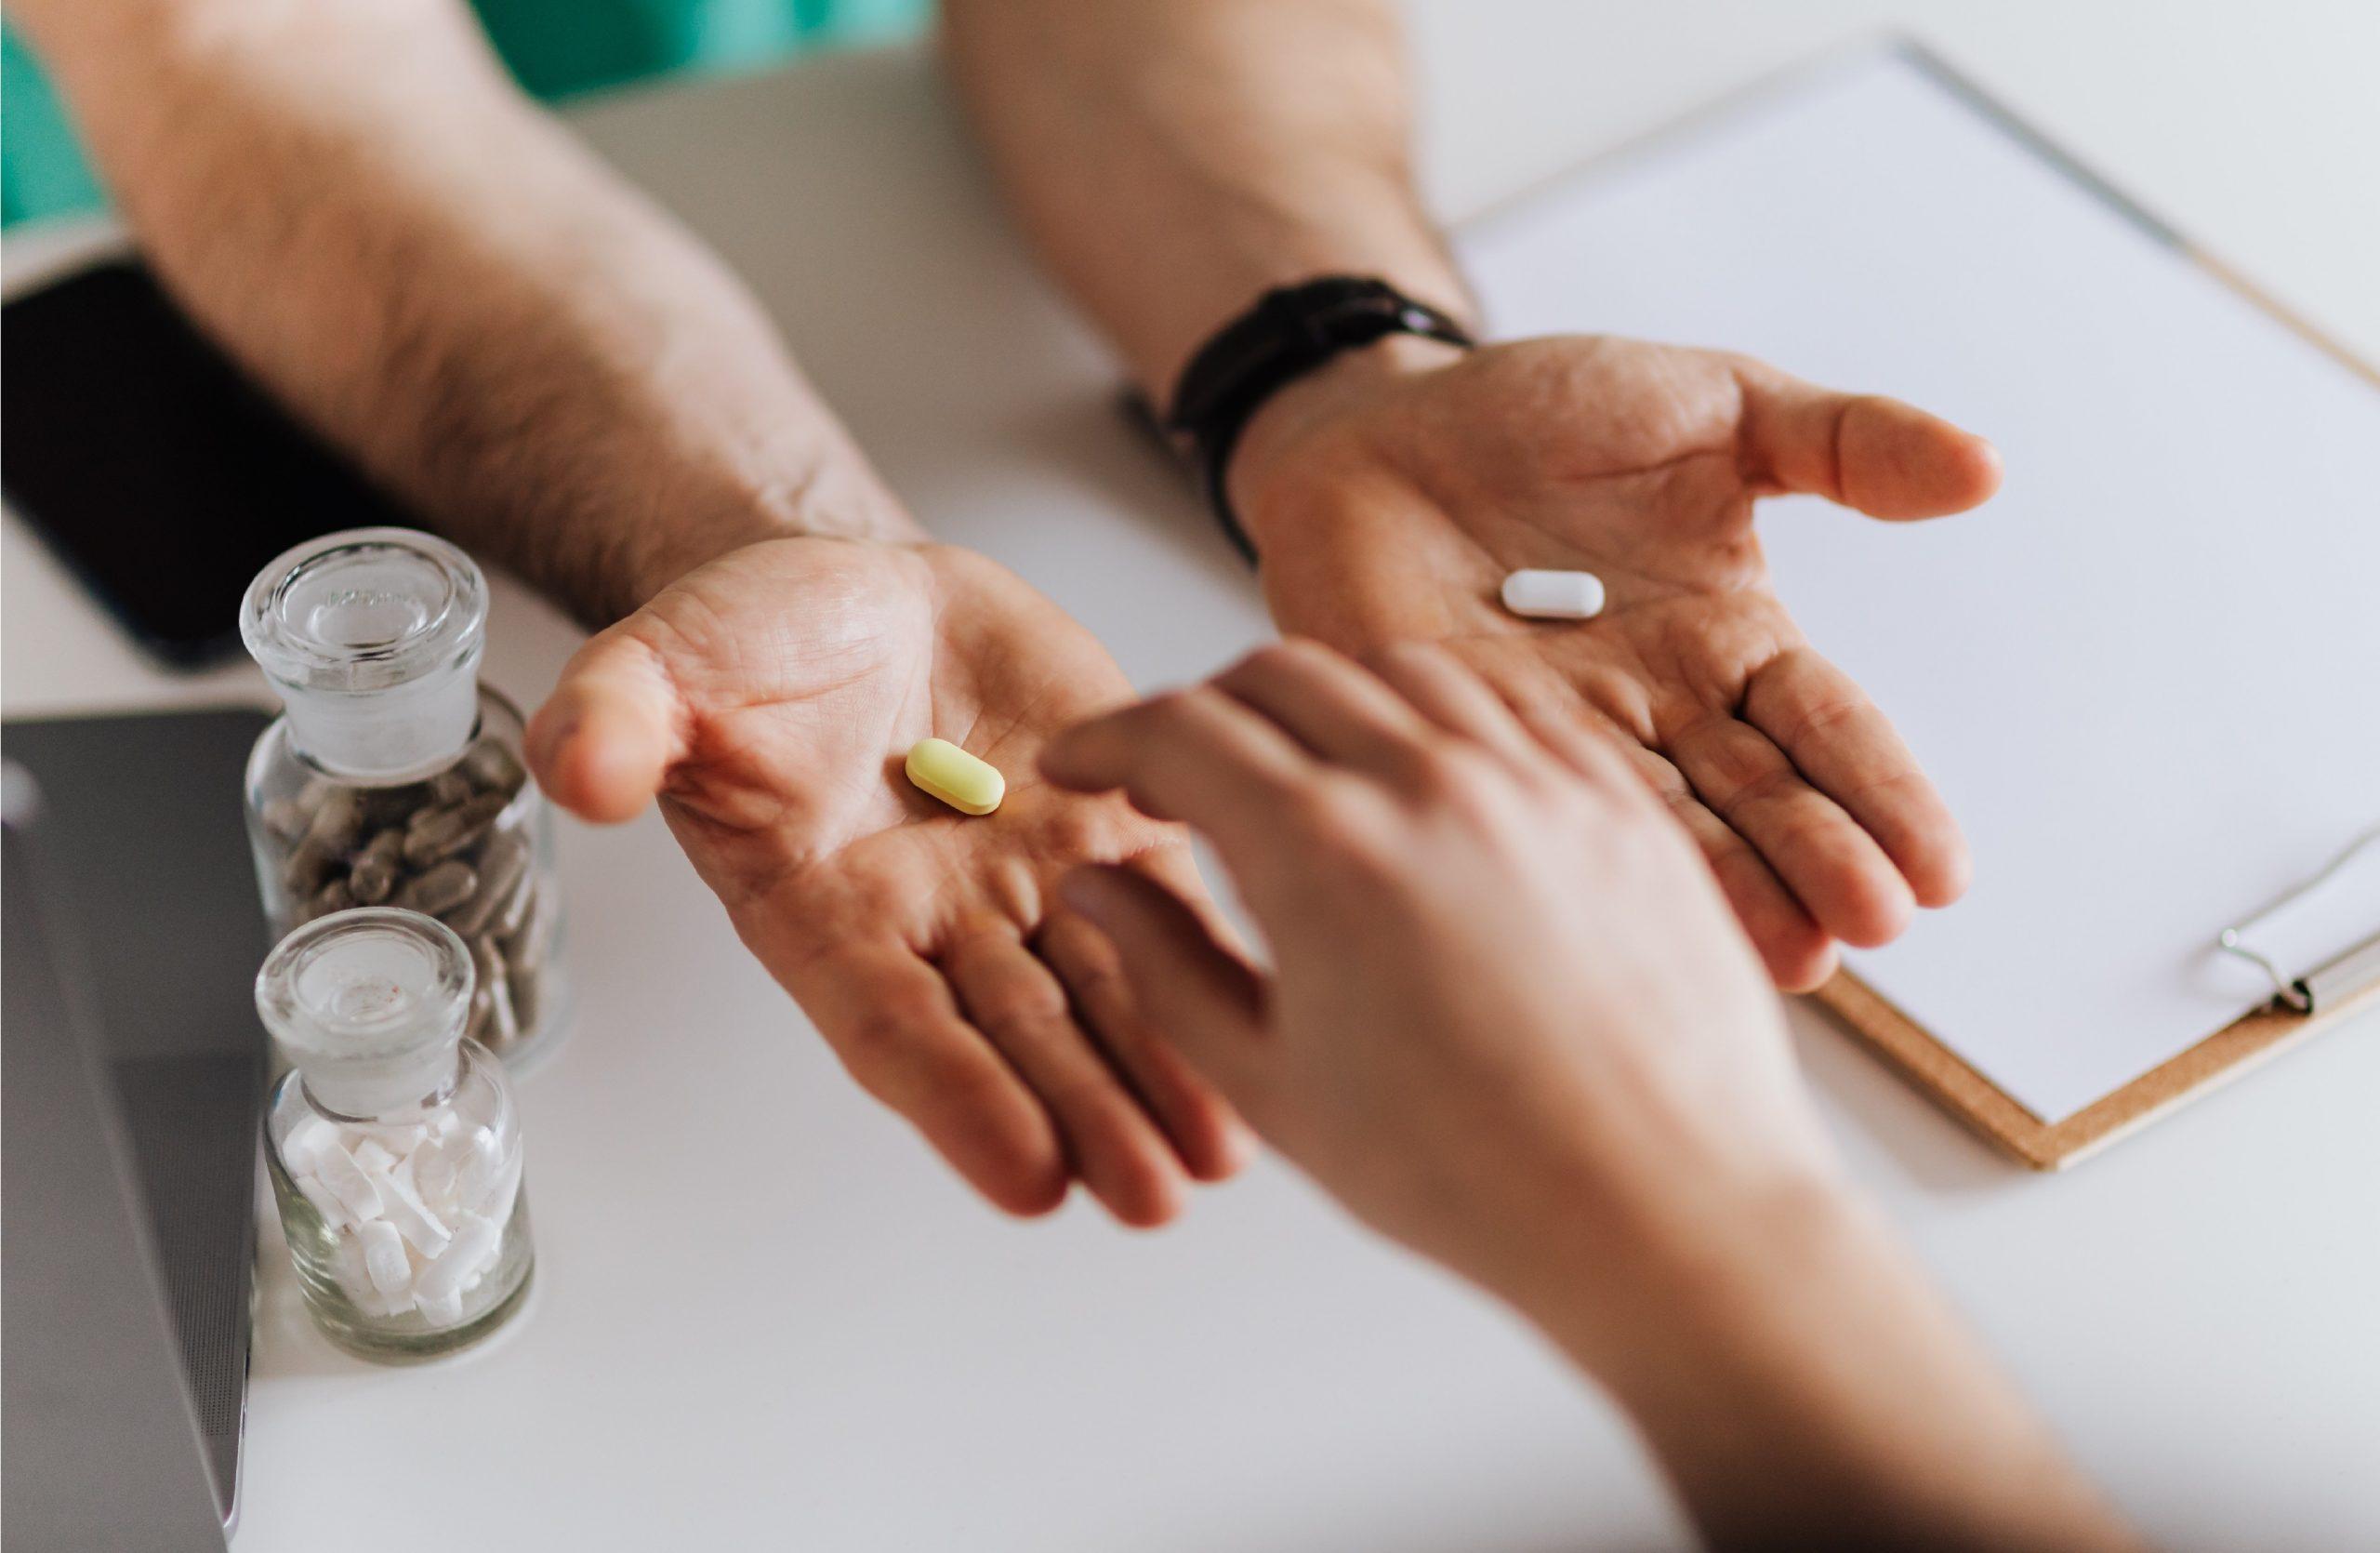 Pessoa com as duas mãos estendidas e em cada uma existe uma cápsula diferente de suplemento